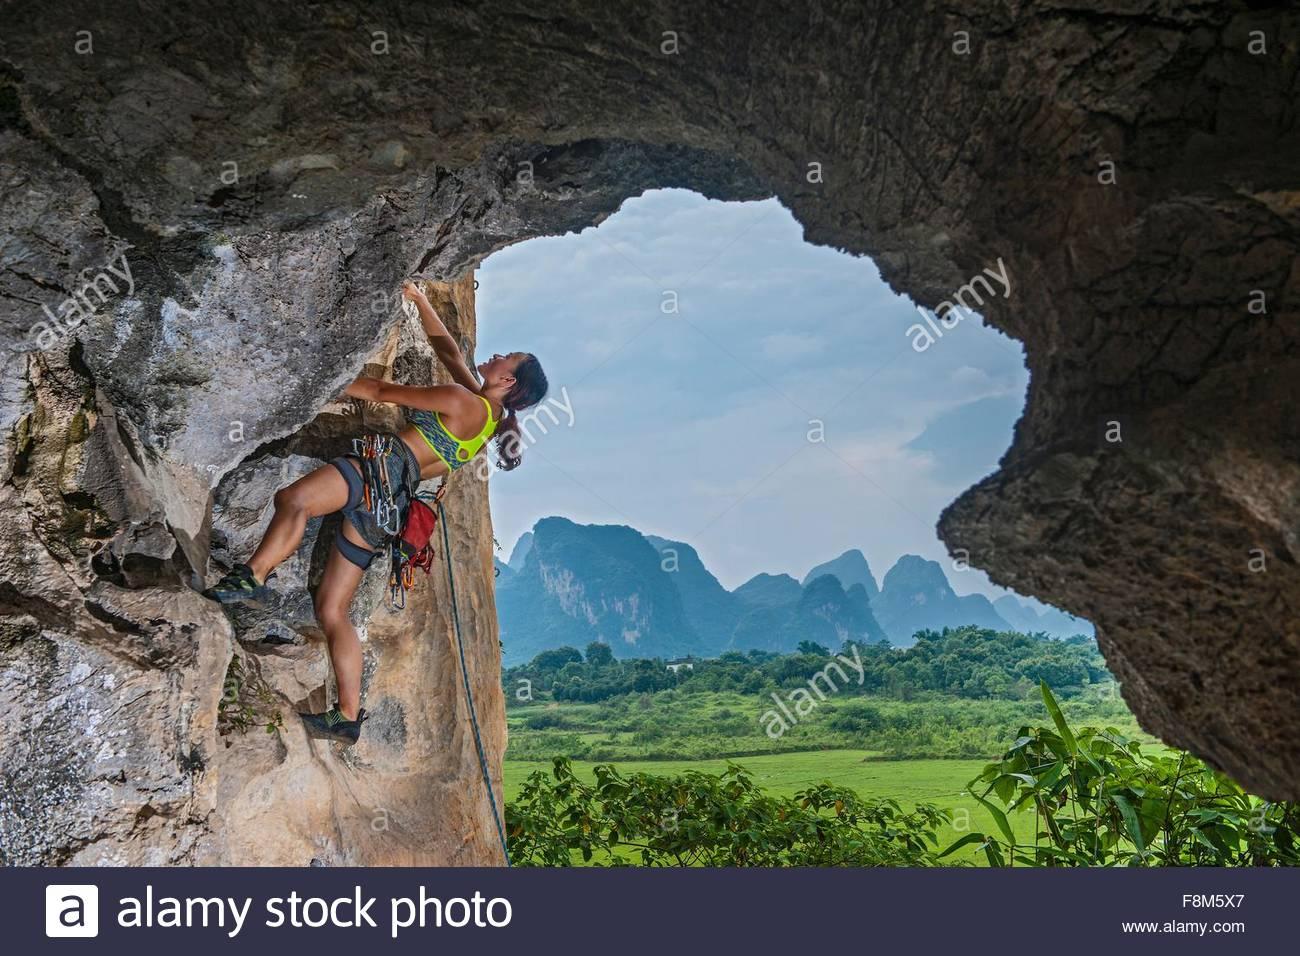 Escalada escalador femenino en el huevo en Yangshuo, Guangxi Zhuang, China Imagen De Stock